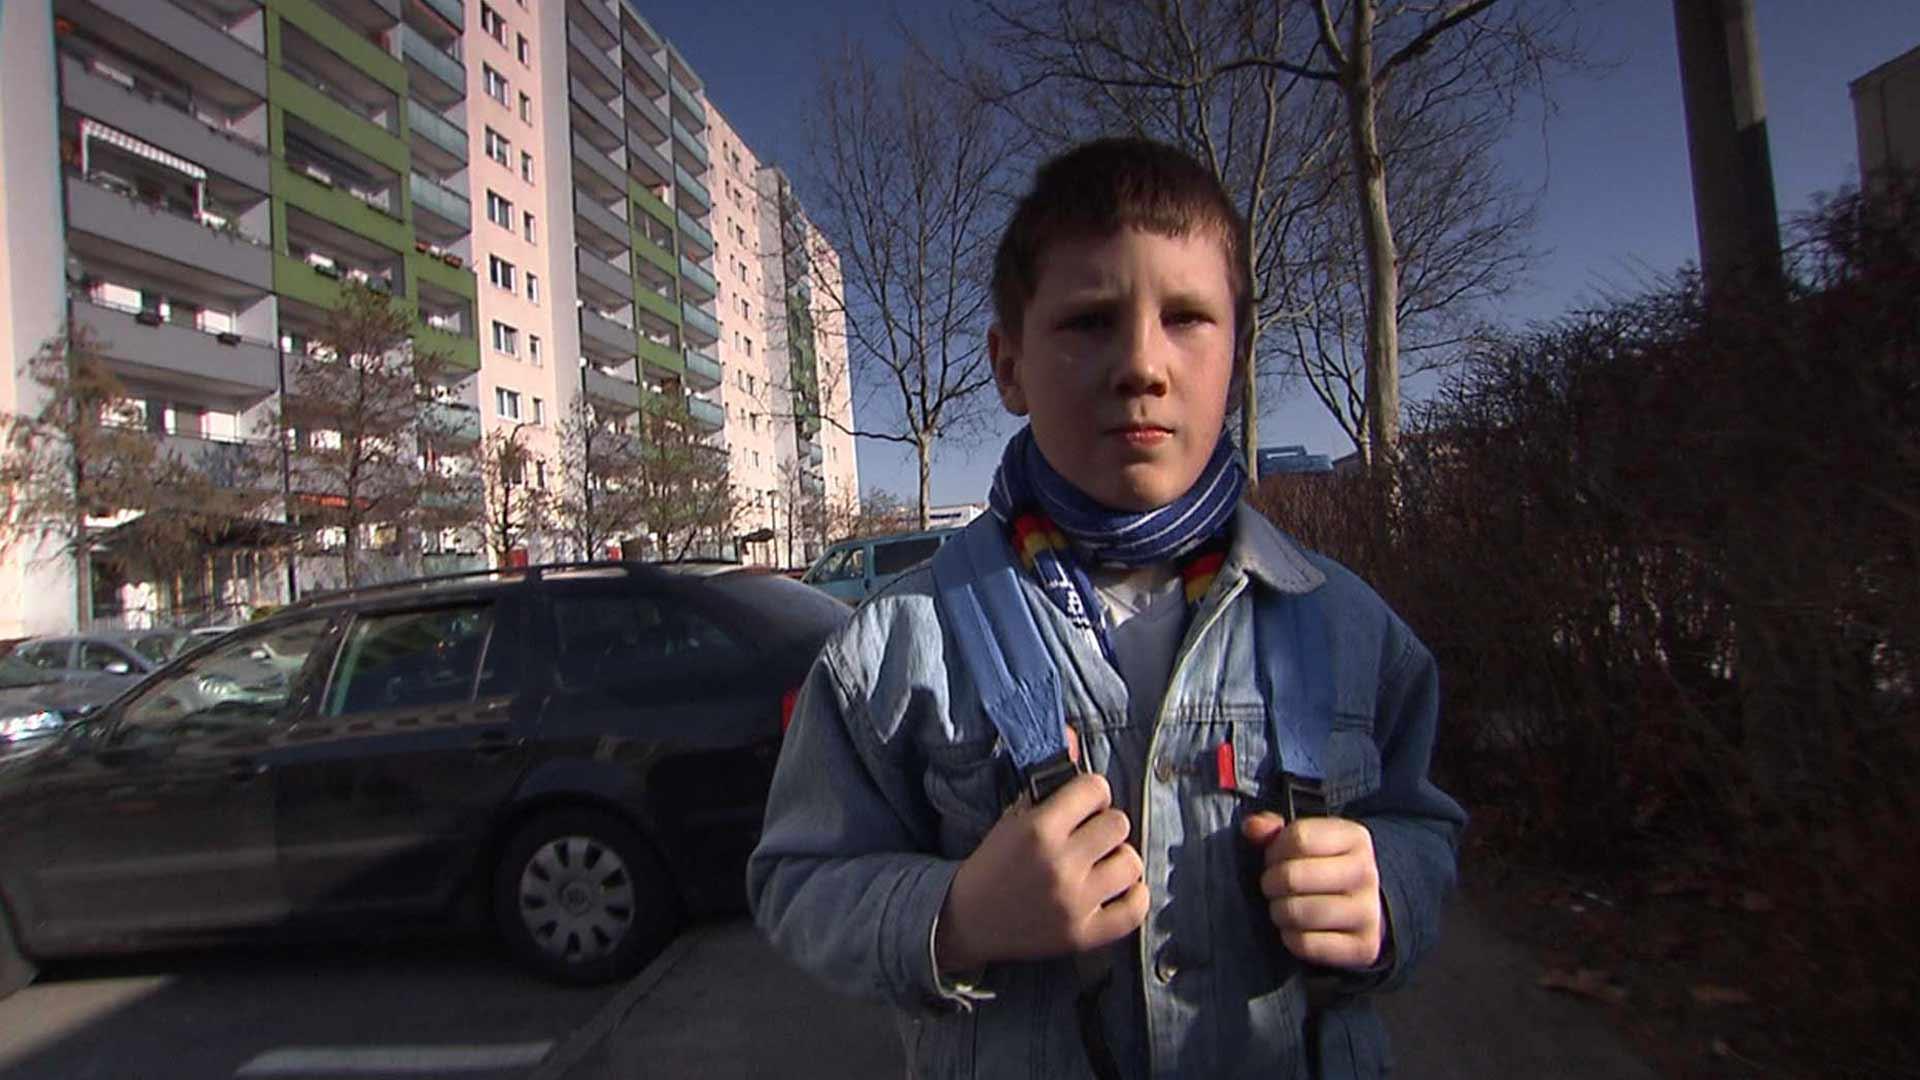 Junge auf dem Weg zur Schule